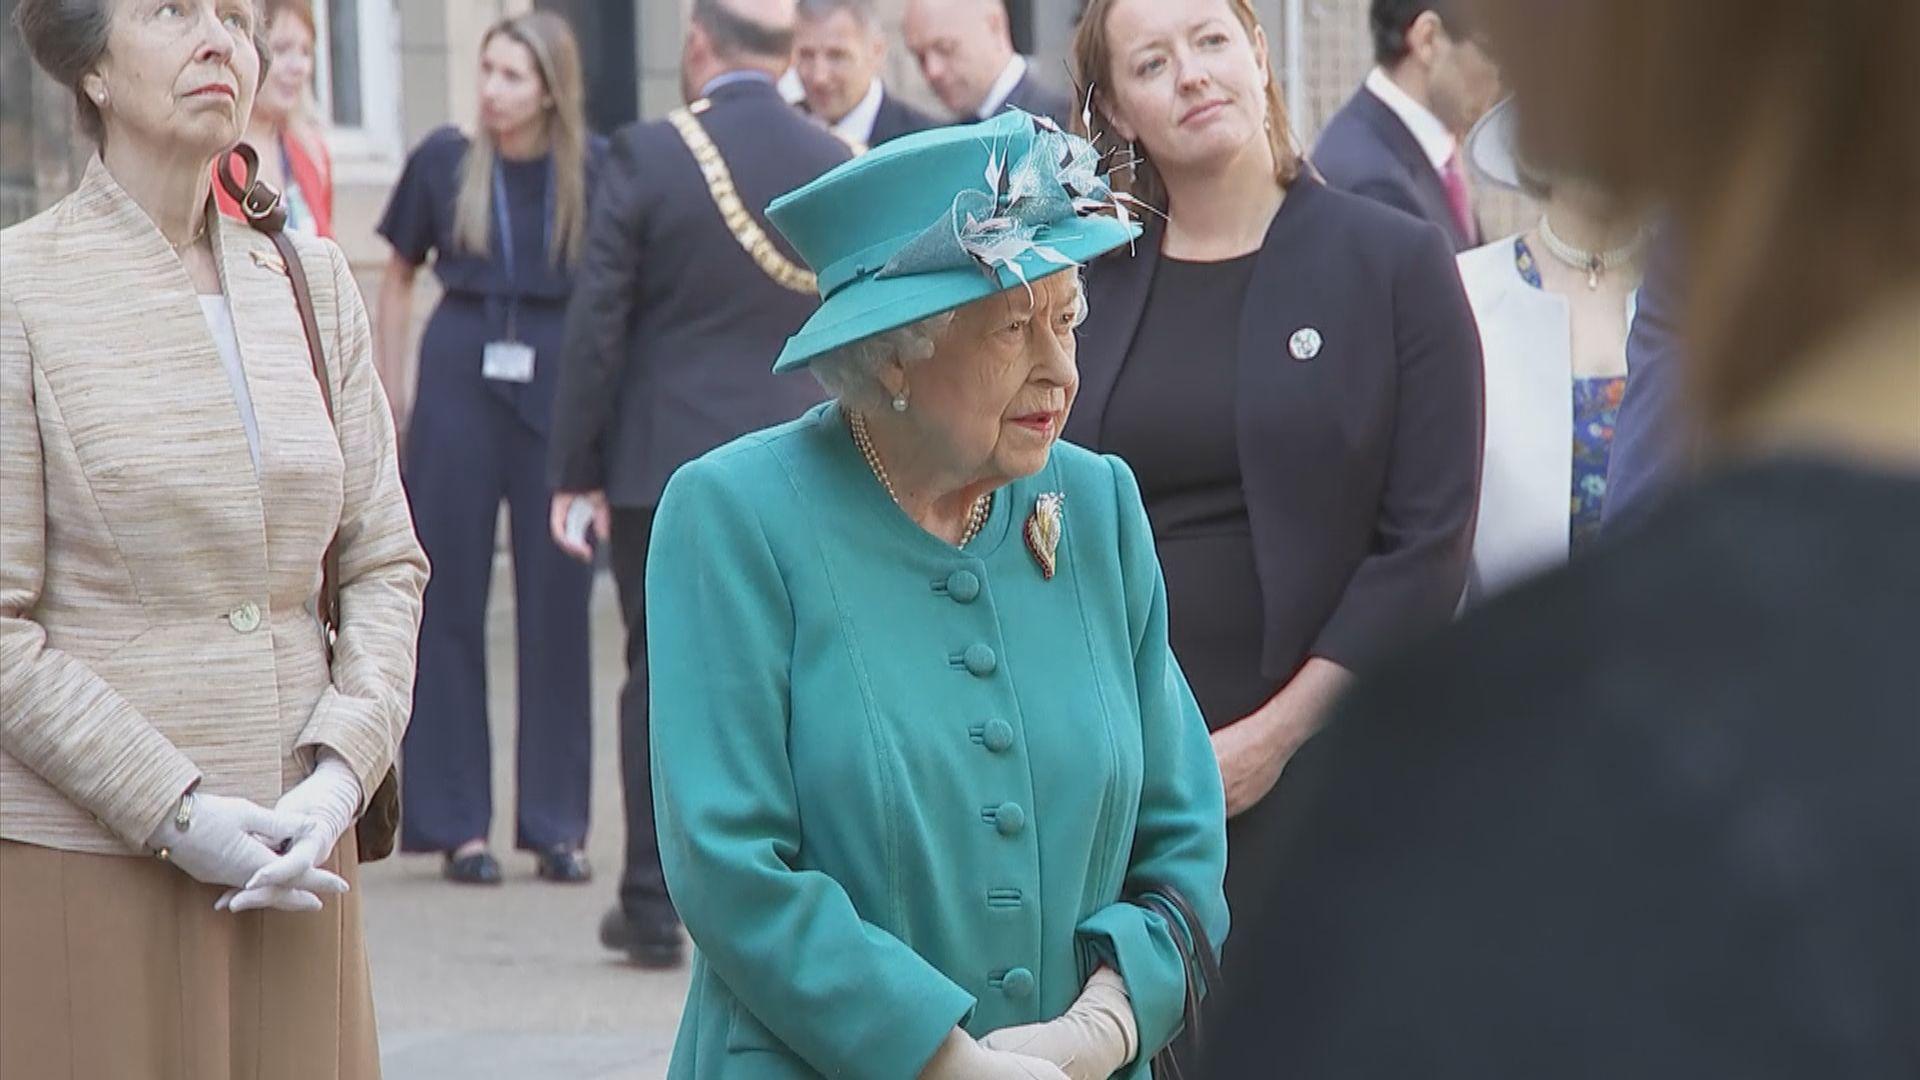 【環球薈報】英女王自覺心境年輕 拒領「年度老人獎」